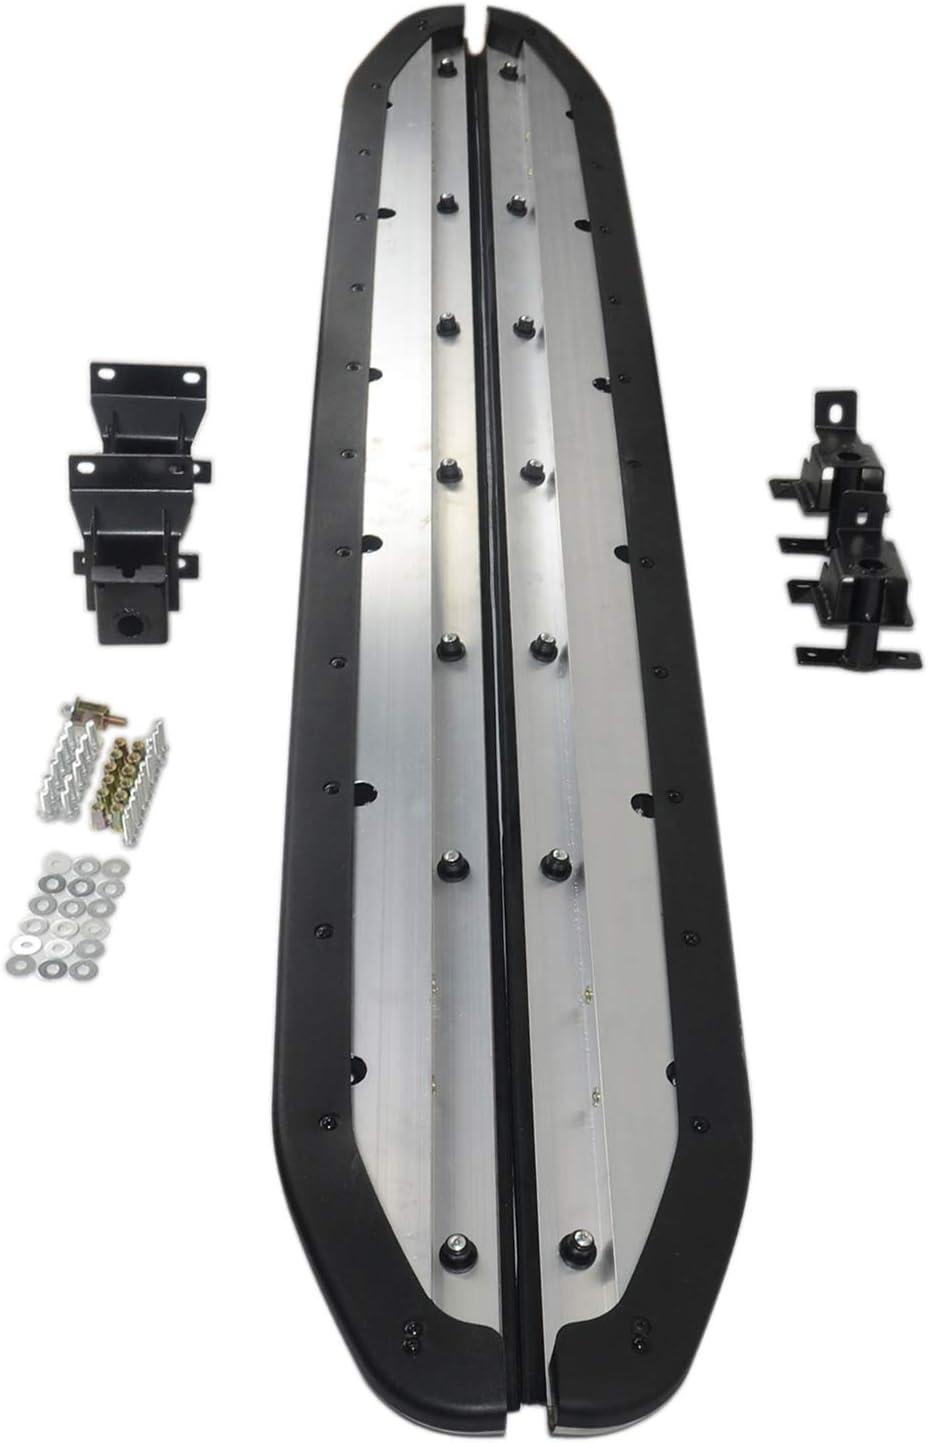 VPLCP0210 Estribo con barra de protecci/ón para escalones laterales para Discovery Sport 2014-2019